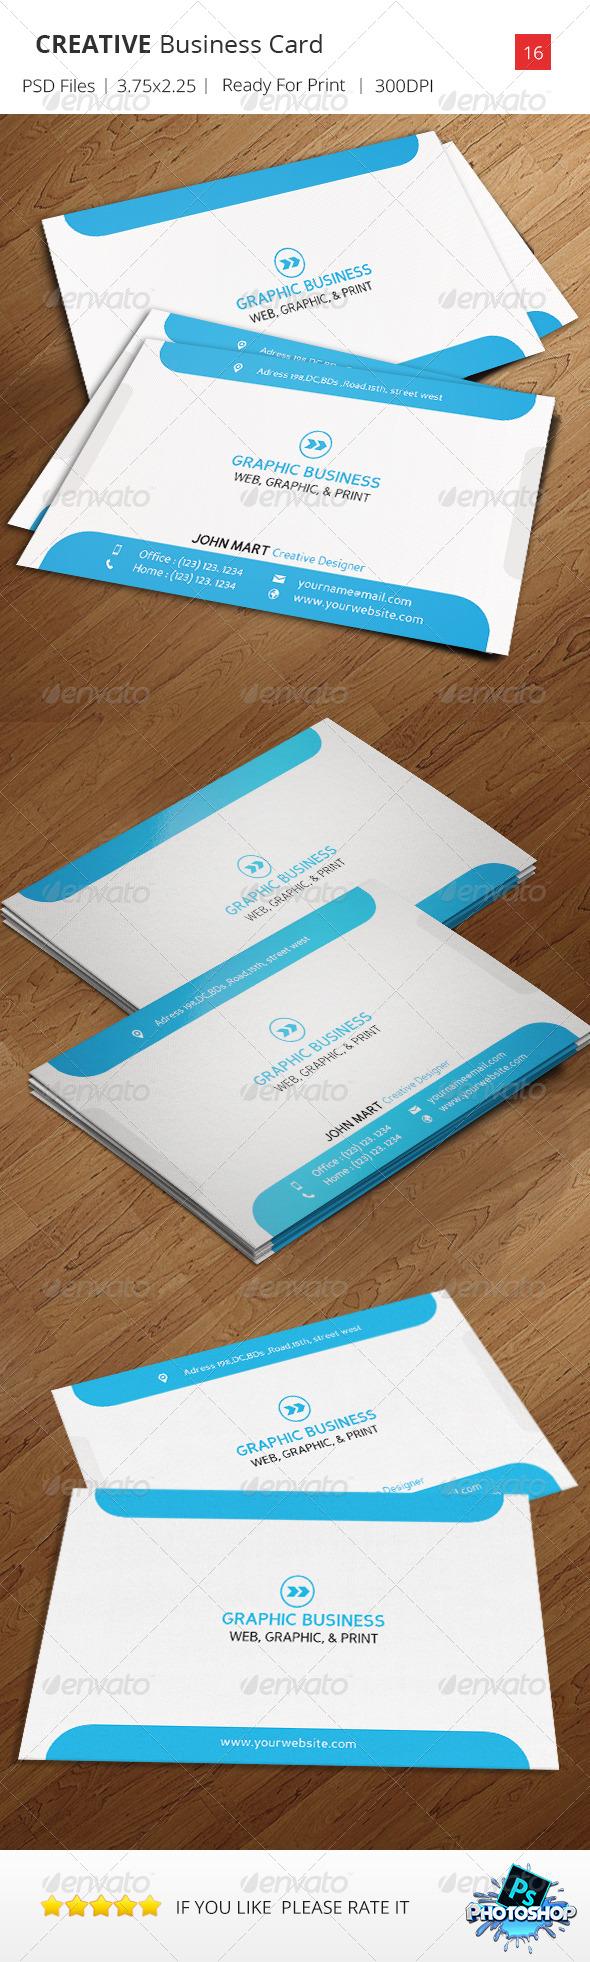 GraphicRiver Creative Business Card v.16 8495900